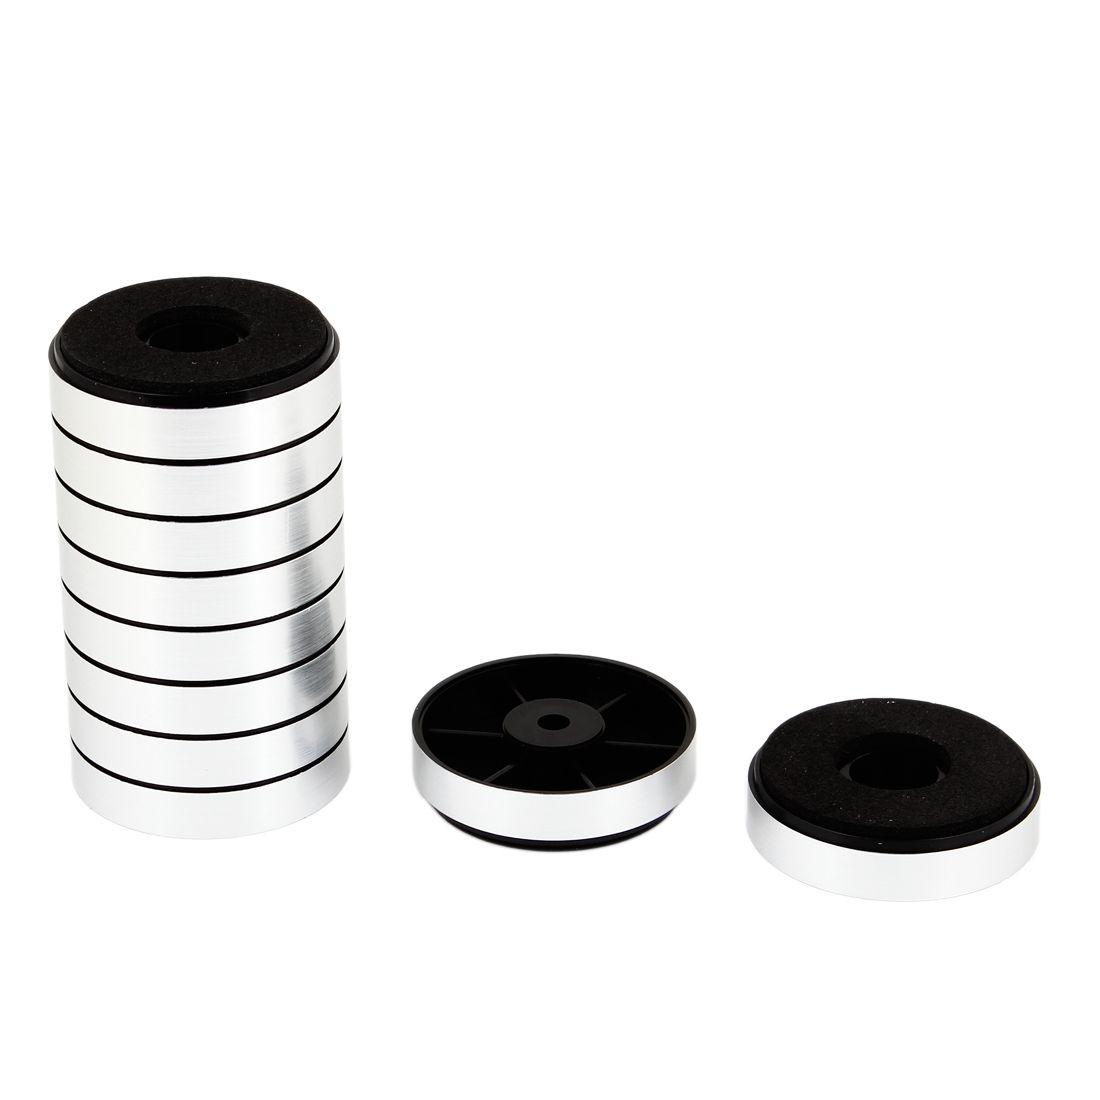 40Mm Dia Anti Vibration Foam Cd Player Speaker Feet Pad Stand 10Pcs feet | pad | stand